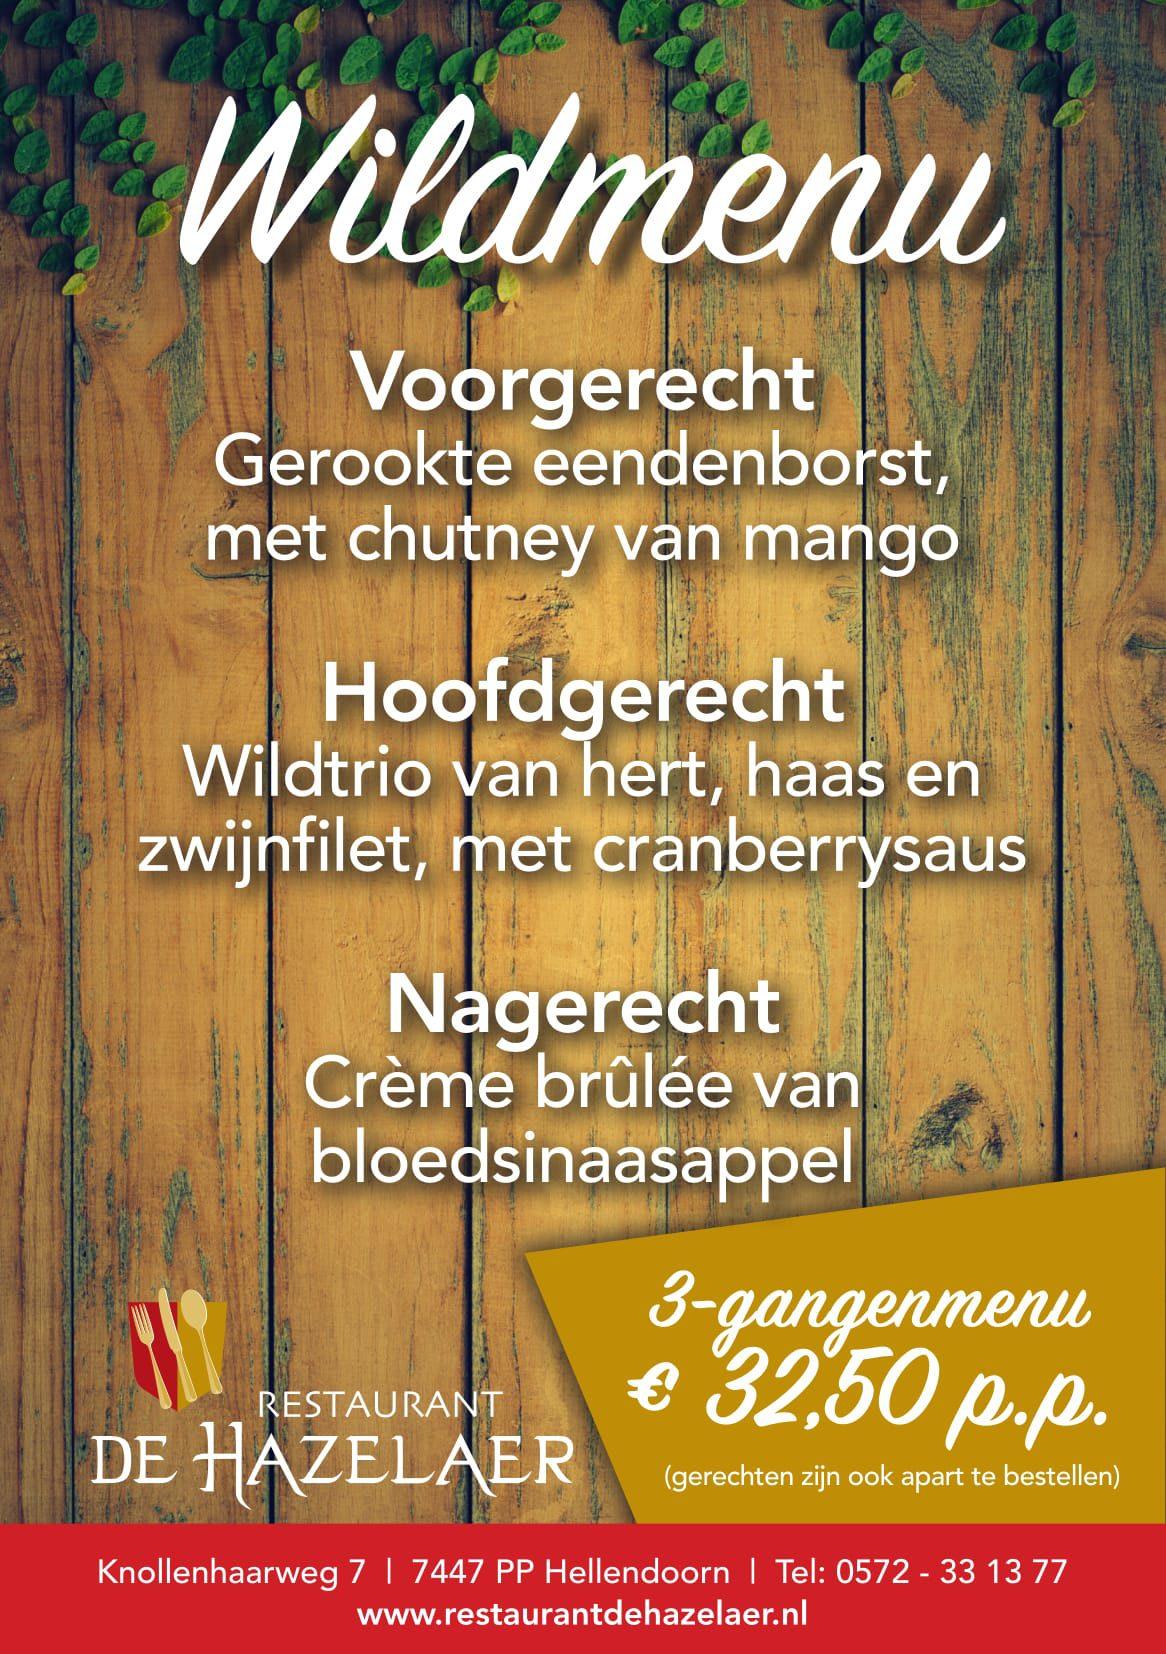 Wildmenu bij restaurant De Hazelaer